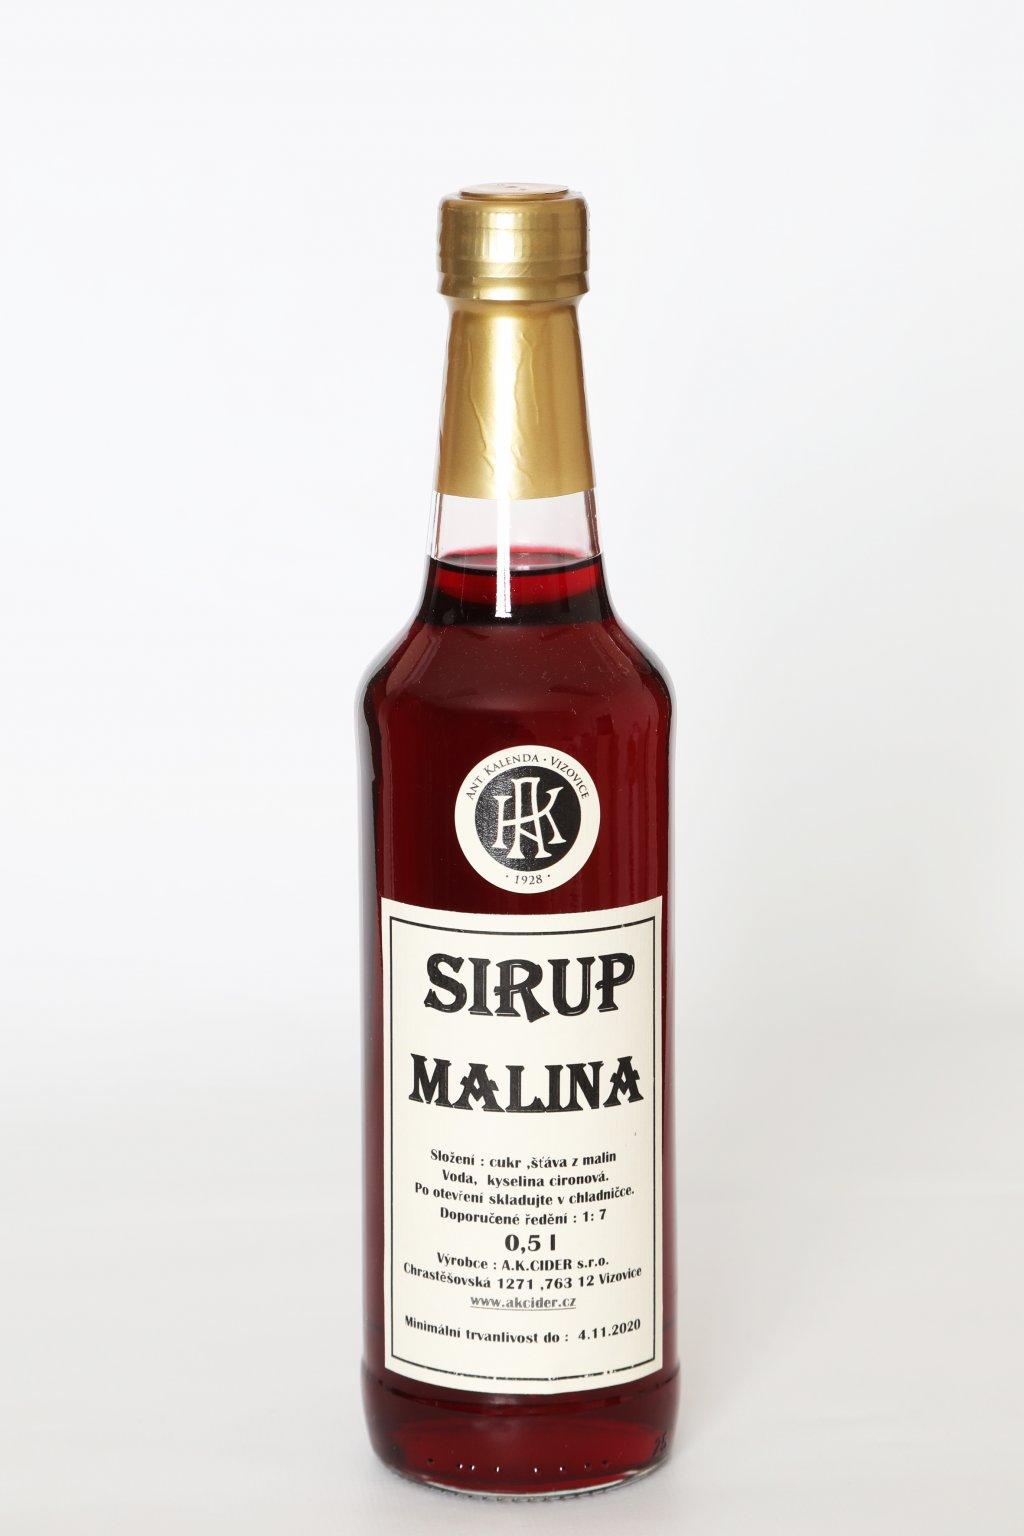 Malinový sirup 0,5l